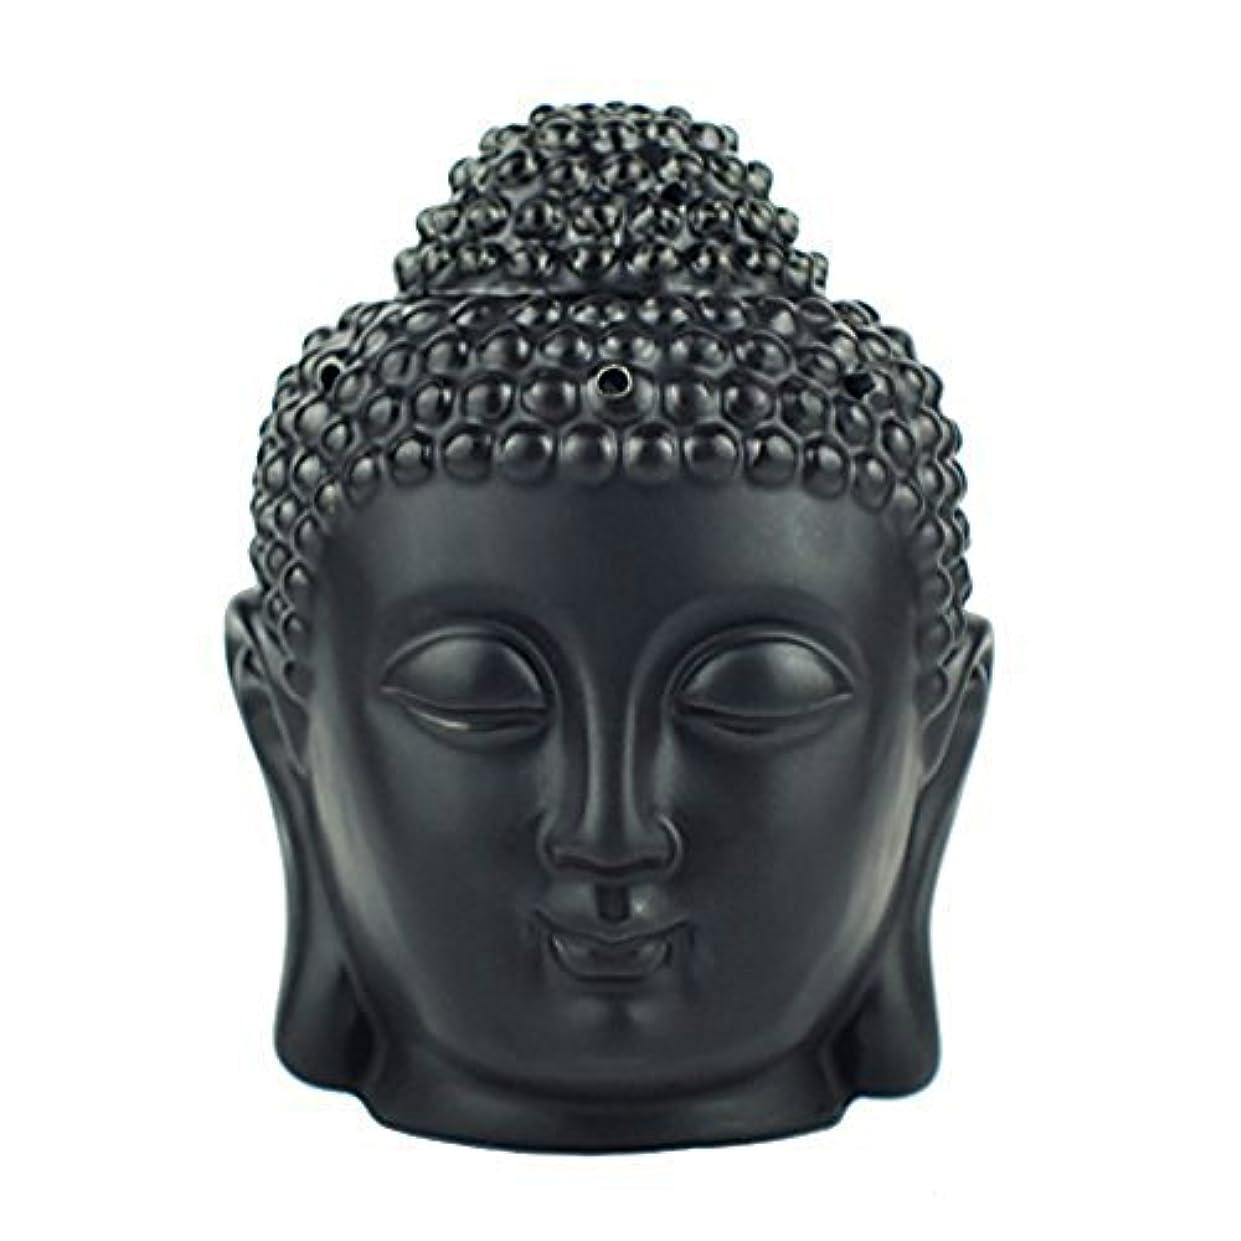 端かりて計り知れないmoylor Buddha Head Statueオイルバーナー半透明セラミックアロマセラピーDiffusers父の日のギフトとホームデコレーション(ホワイト&ブラック)